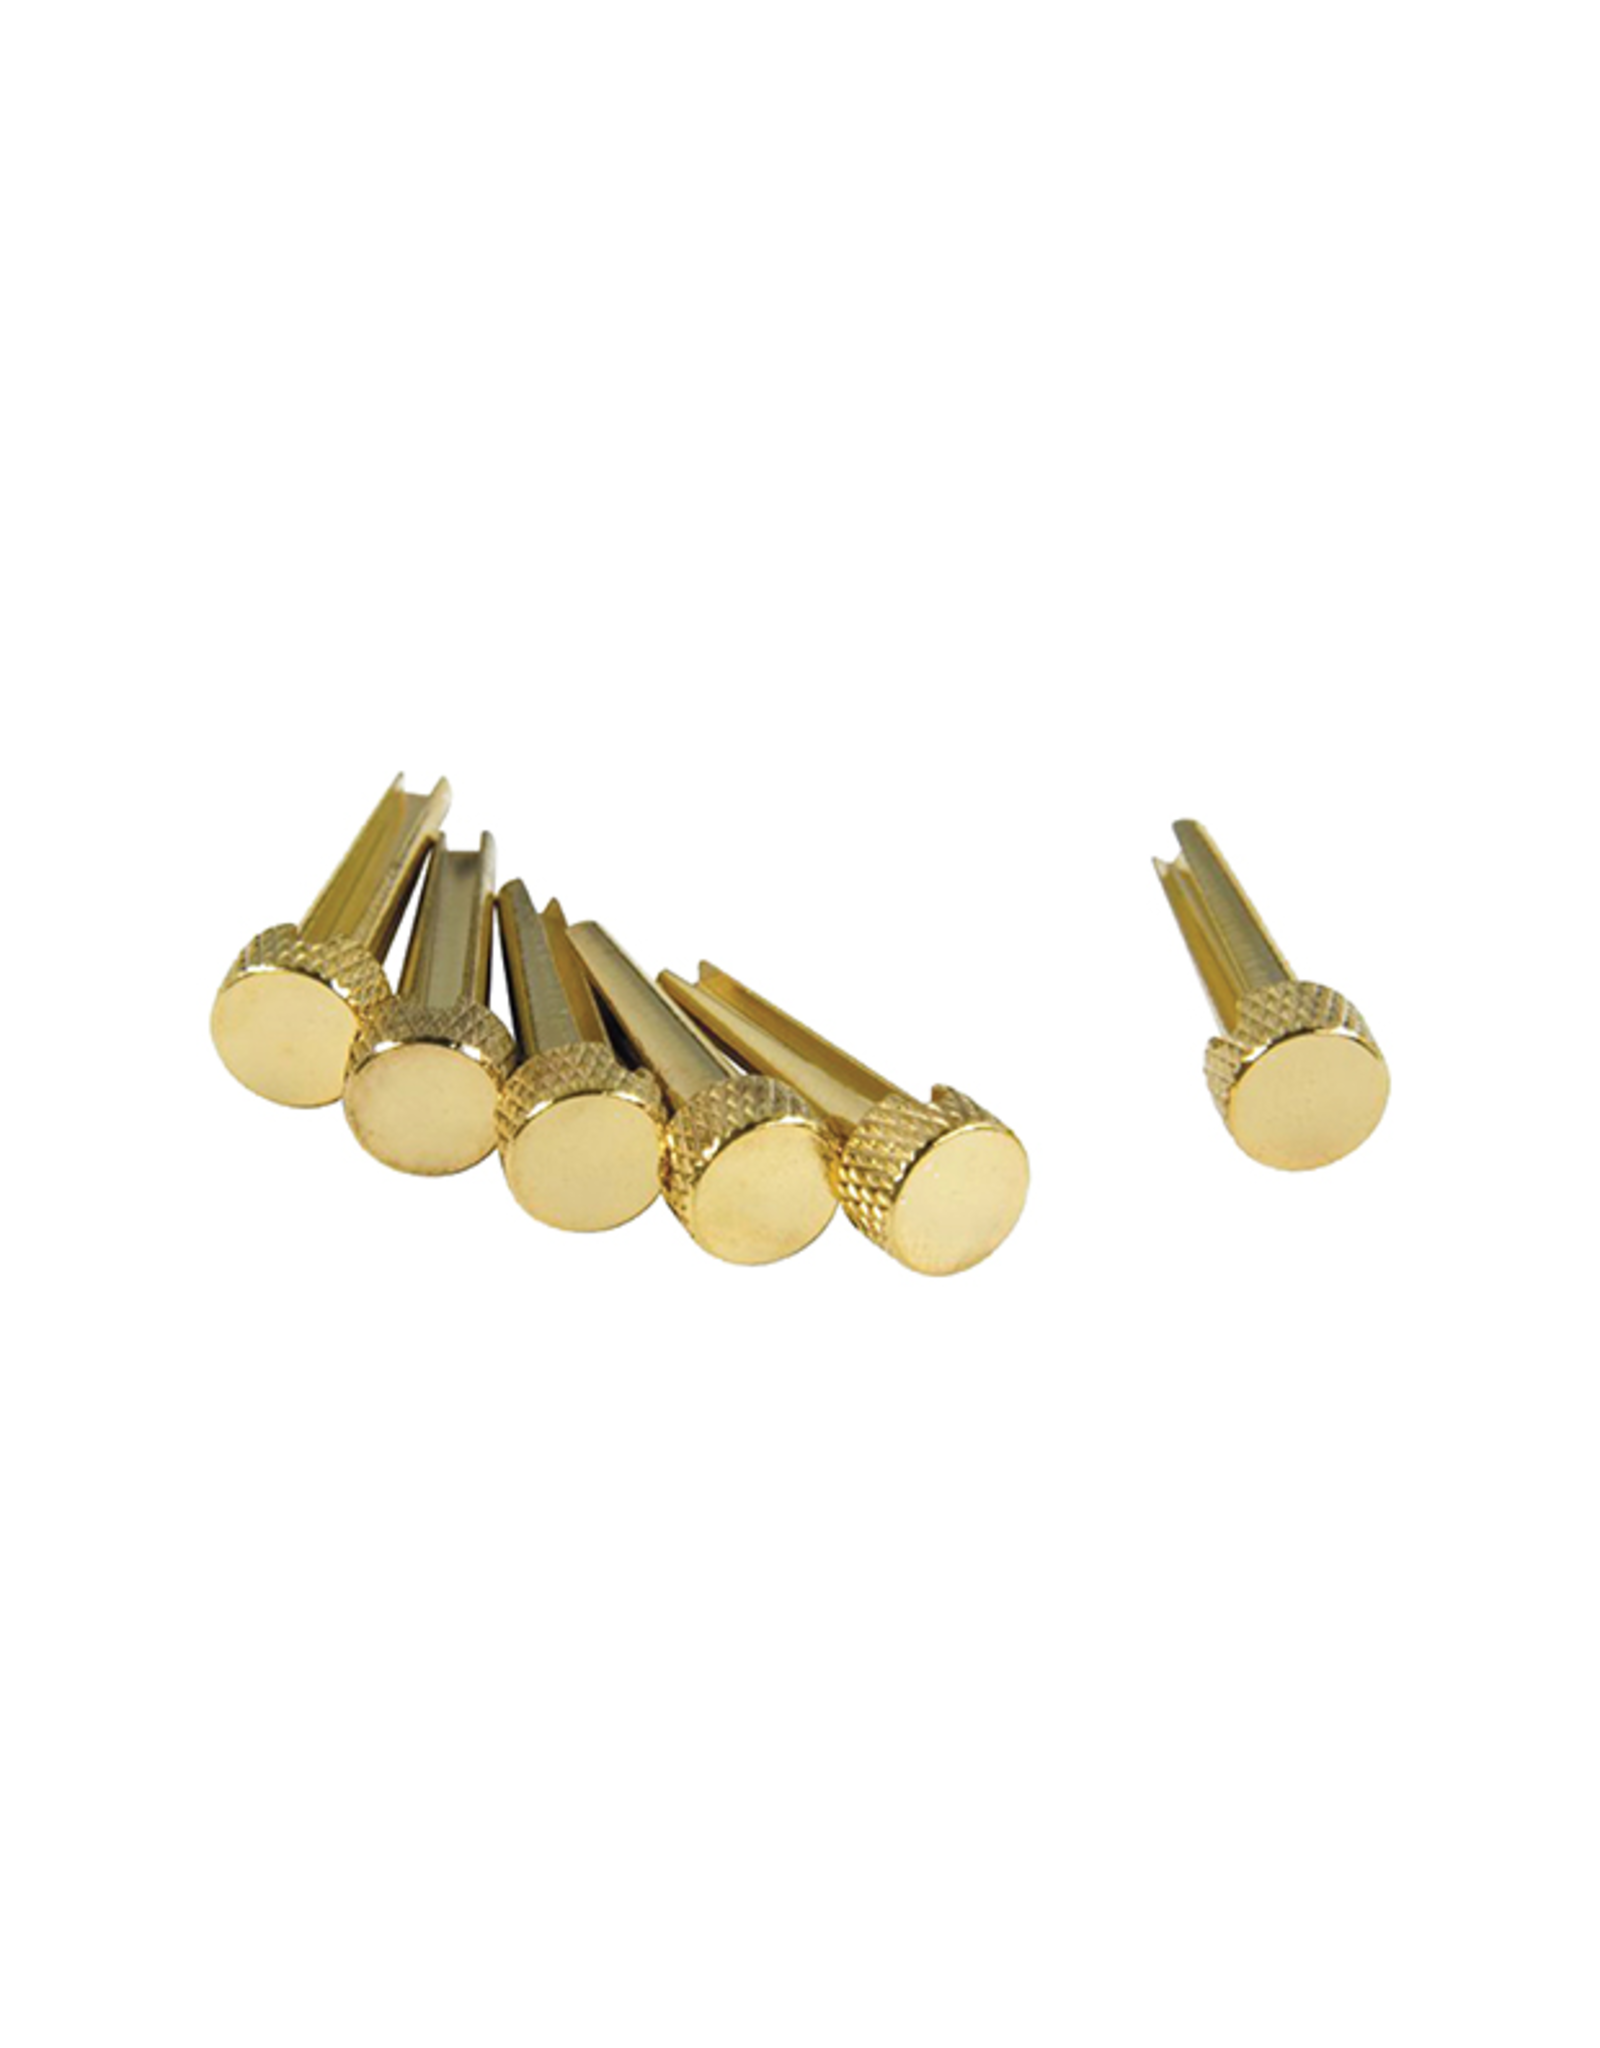 D'Andrea Tone Pins Solid Brass Bridge Pins 6 Pack